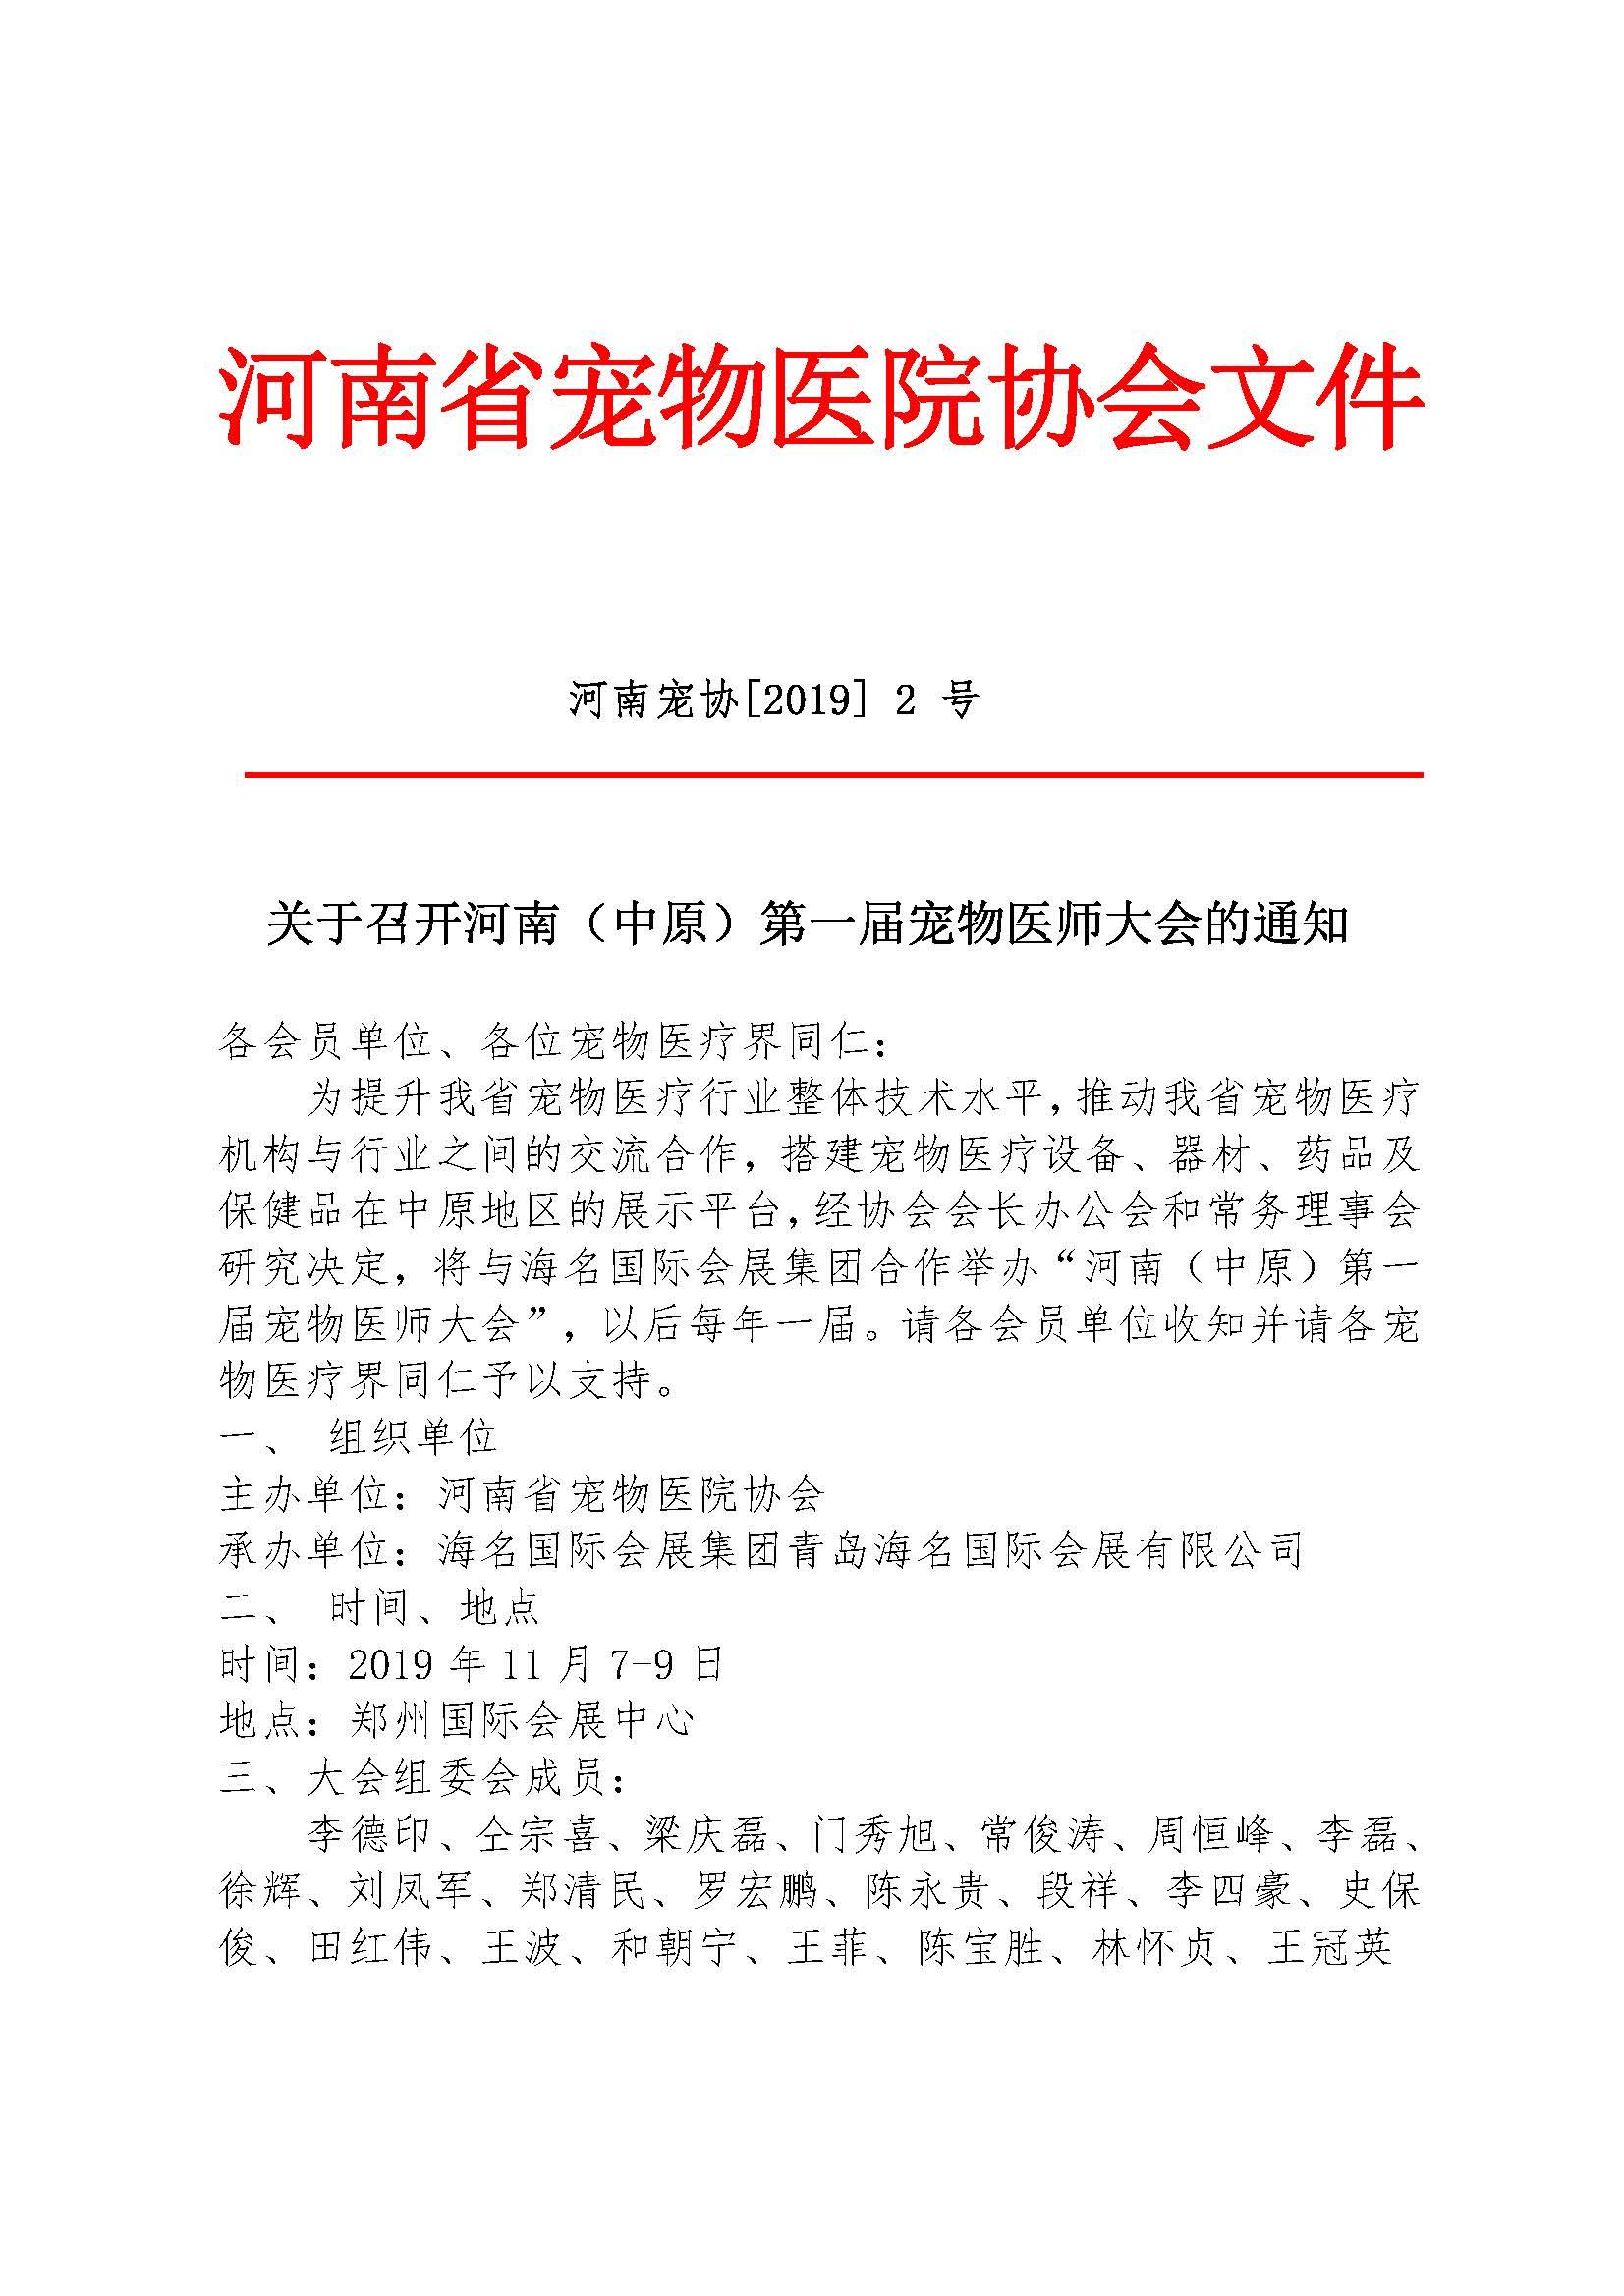 河南省宠物医院协会文件2号(1)(4)_页面_1.jpg